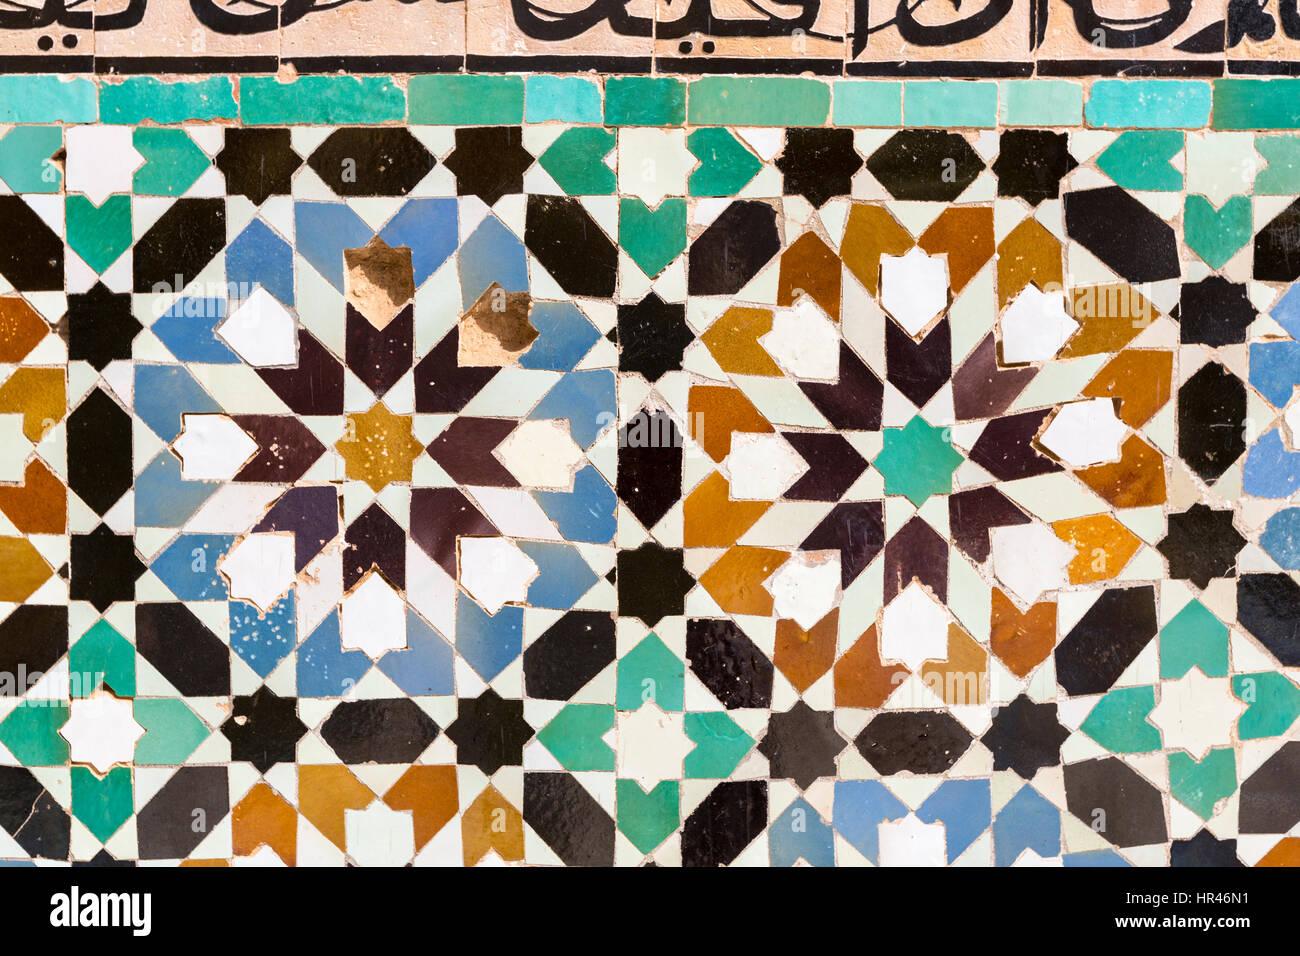 Marrakech marocco zellij marocchini mosaico la decorazione di